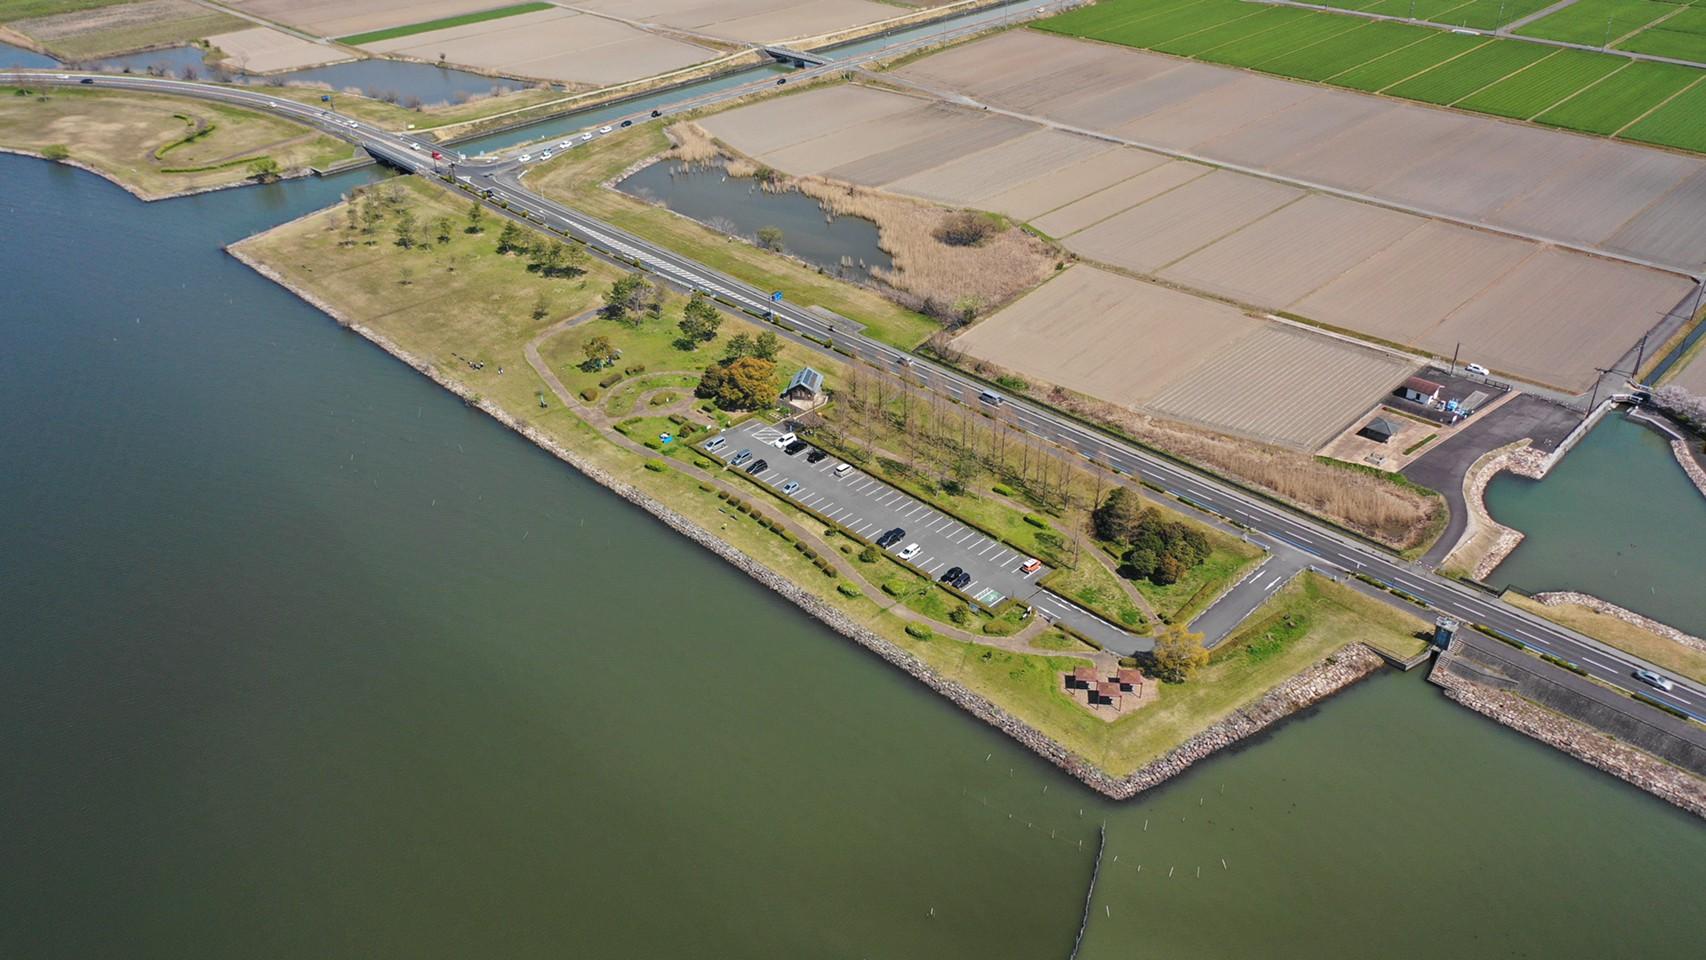 【守山市】『湖岸緑地 赤野井-1』のアウトドア情報